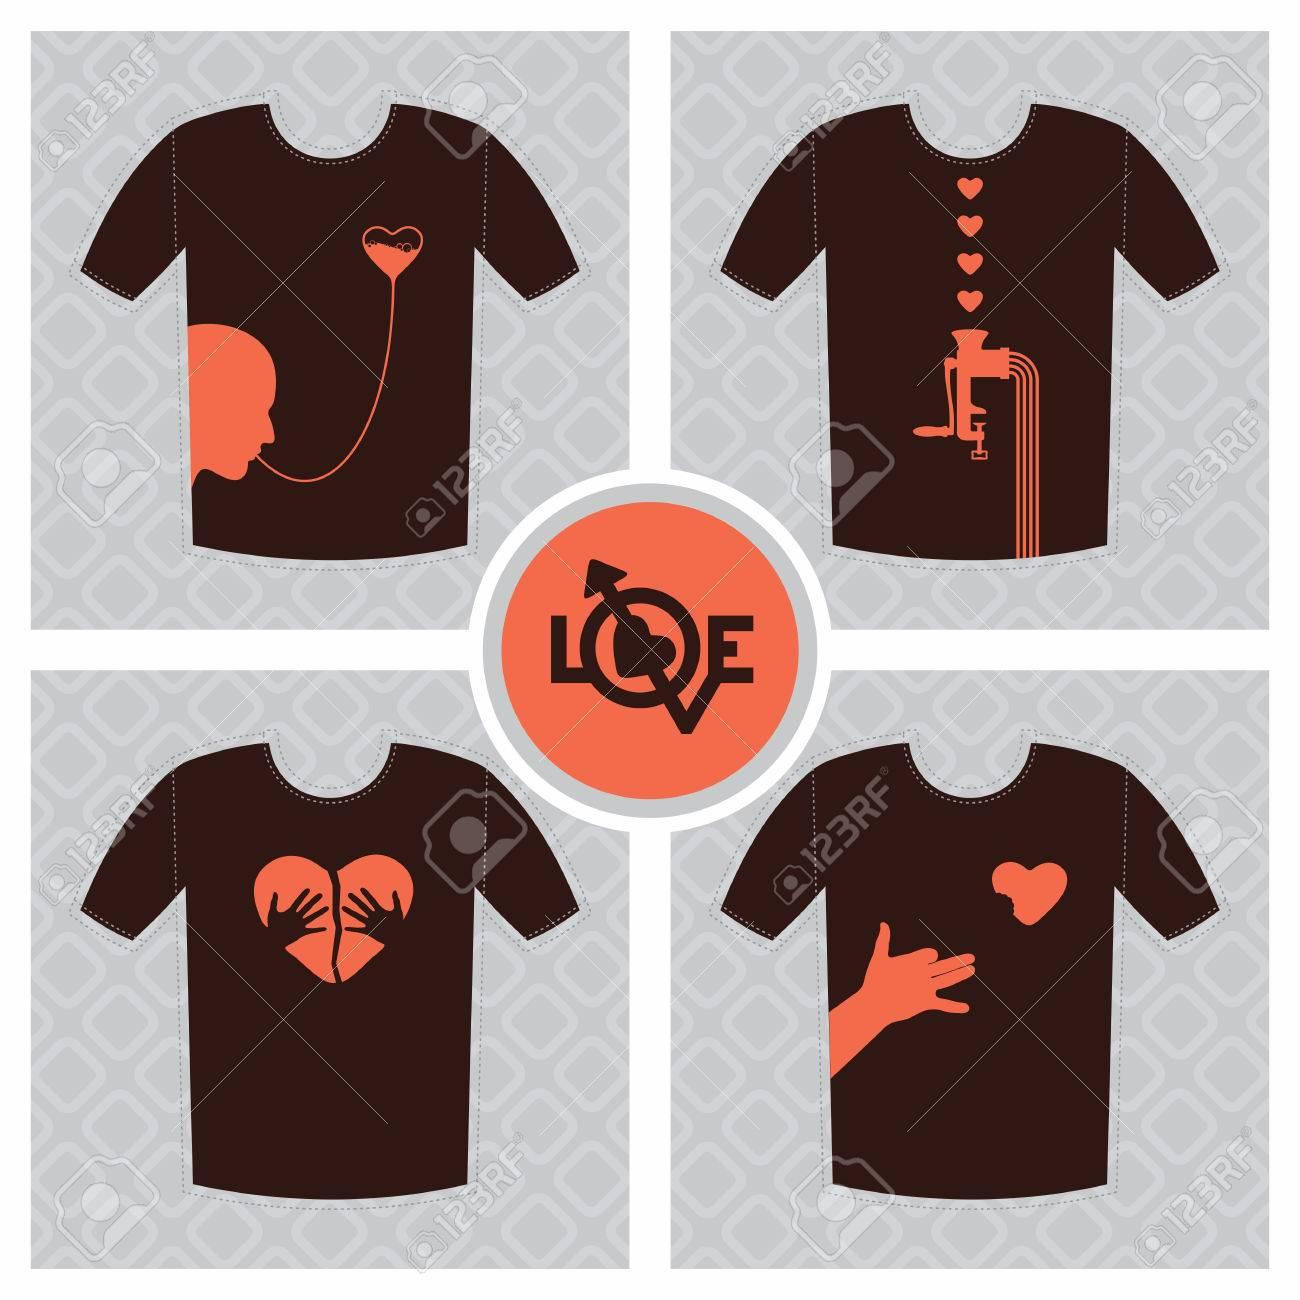 Shirt design elements - Conceptual Set Of T Shirt Print Design Elements Unrequited Love Concept With Broken Heart